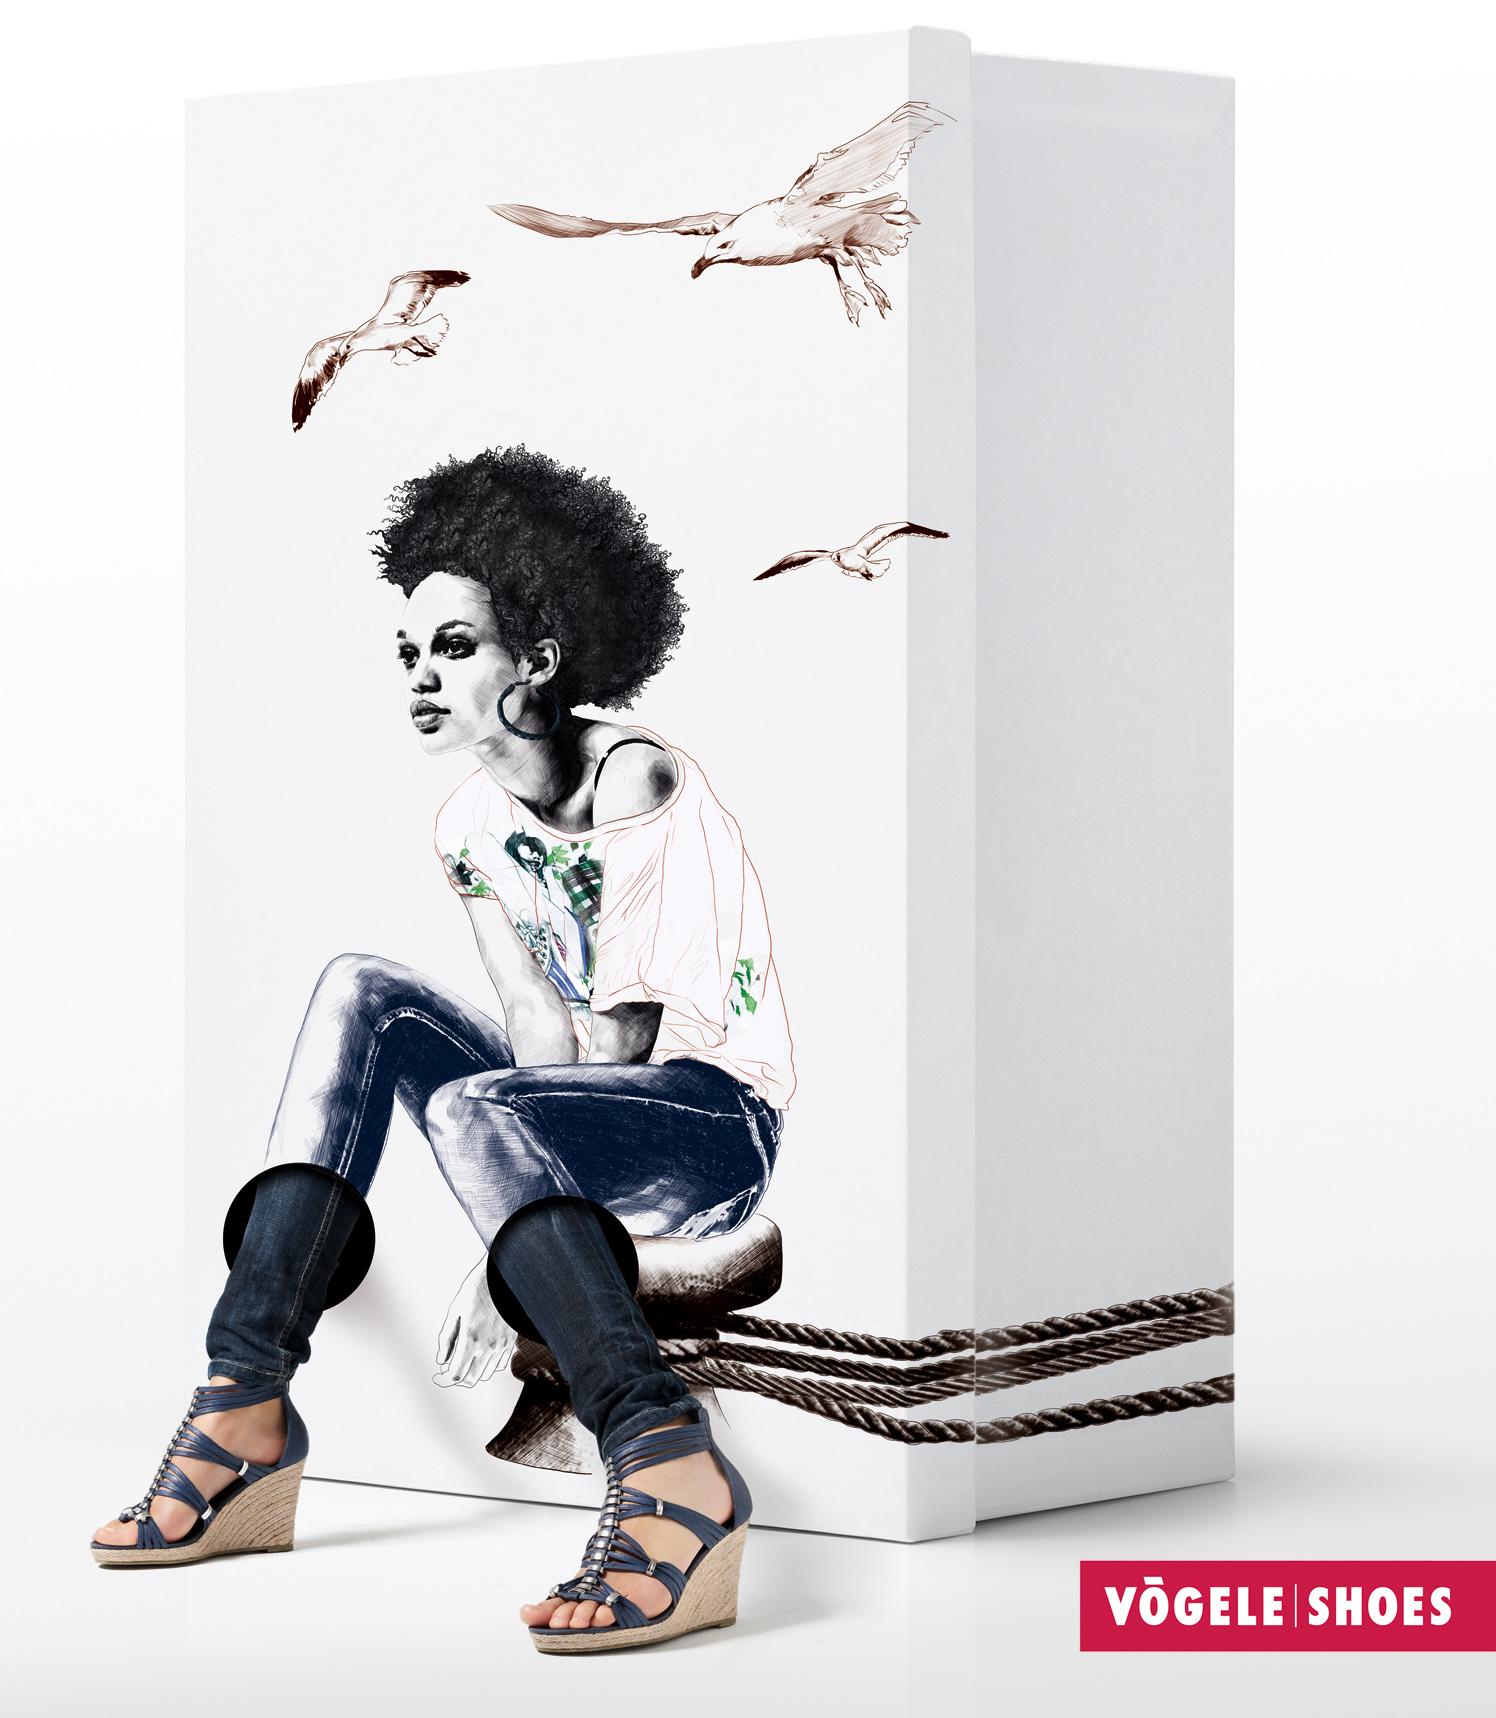 Afrodita Vogele